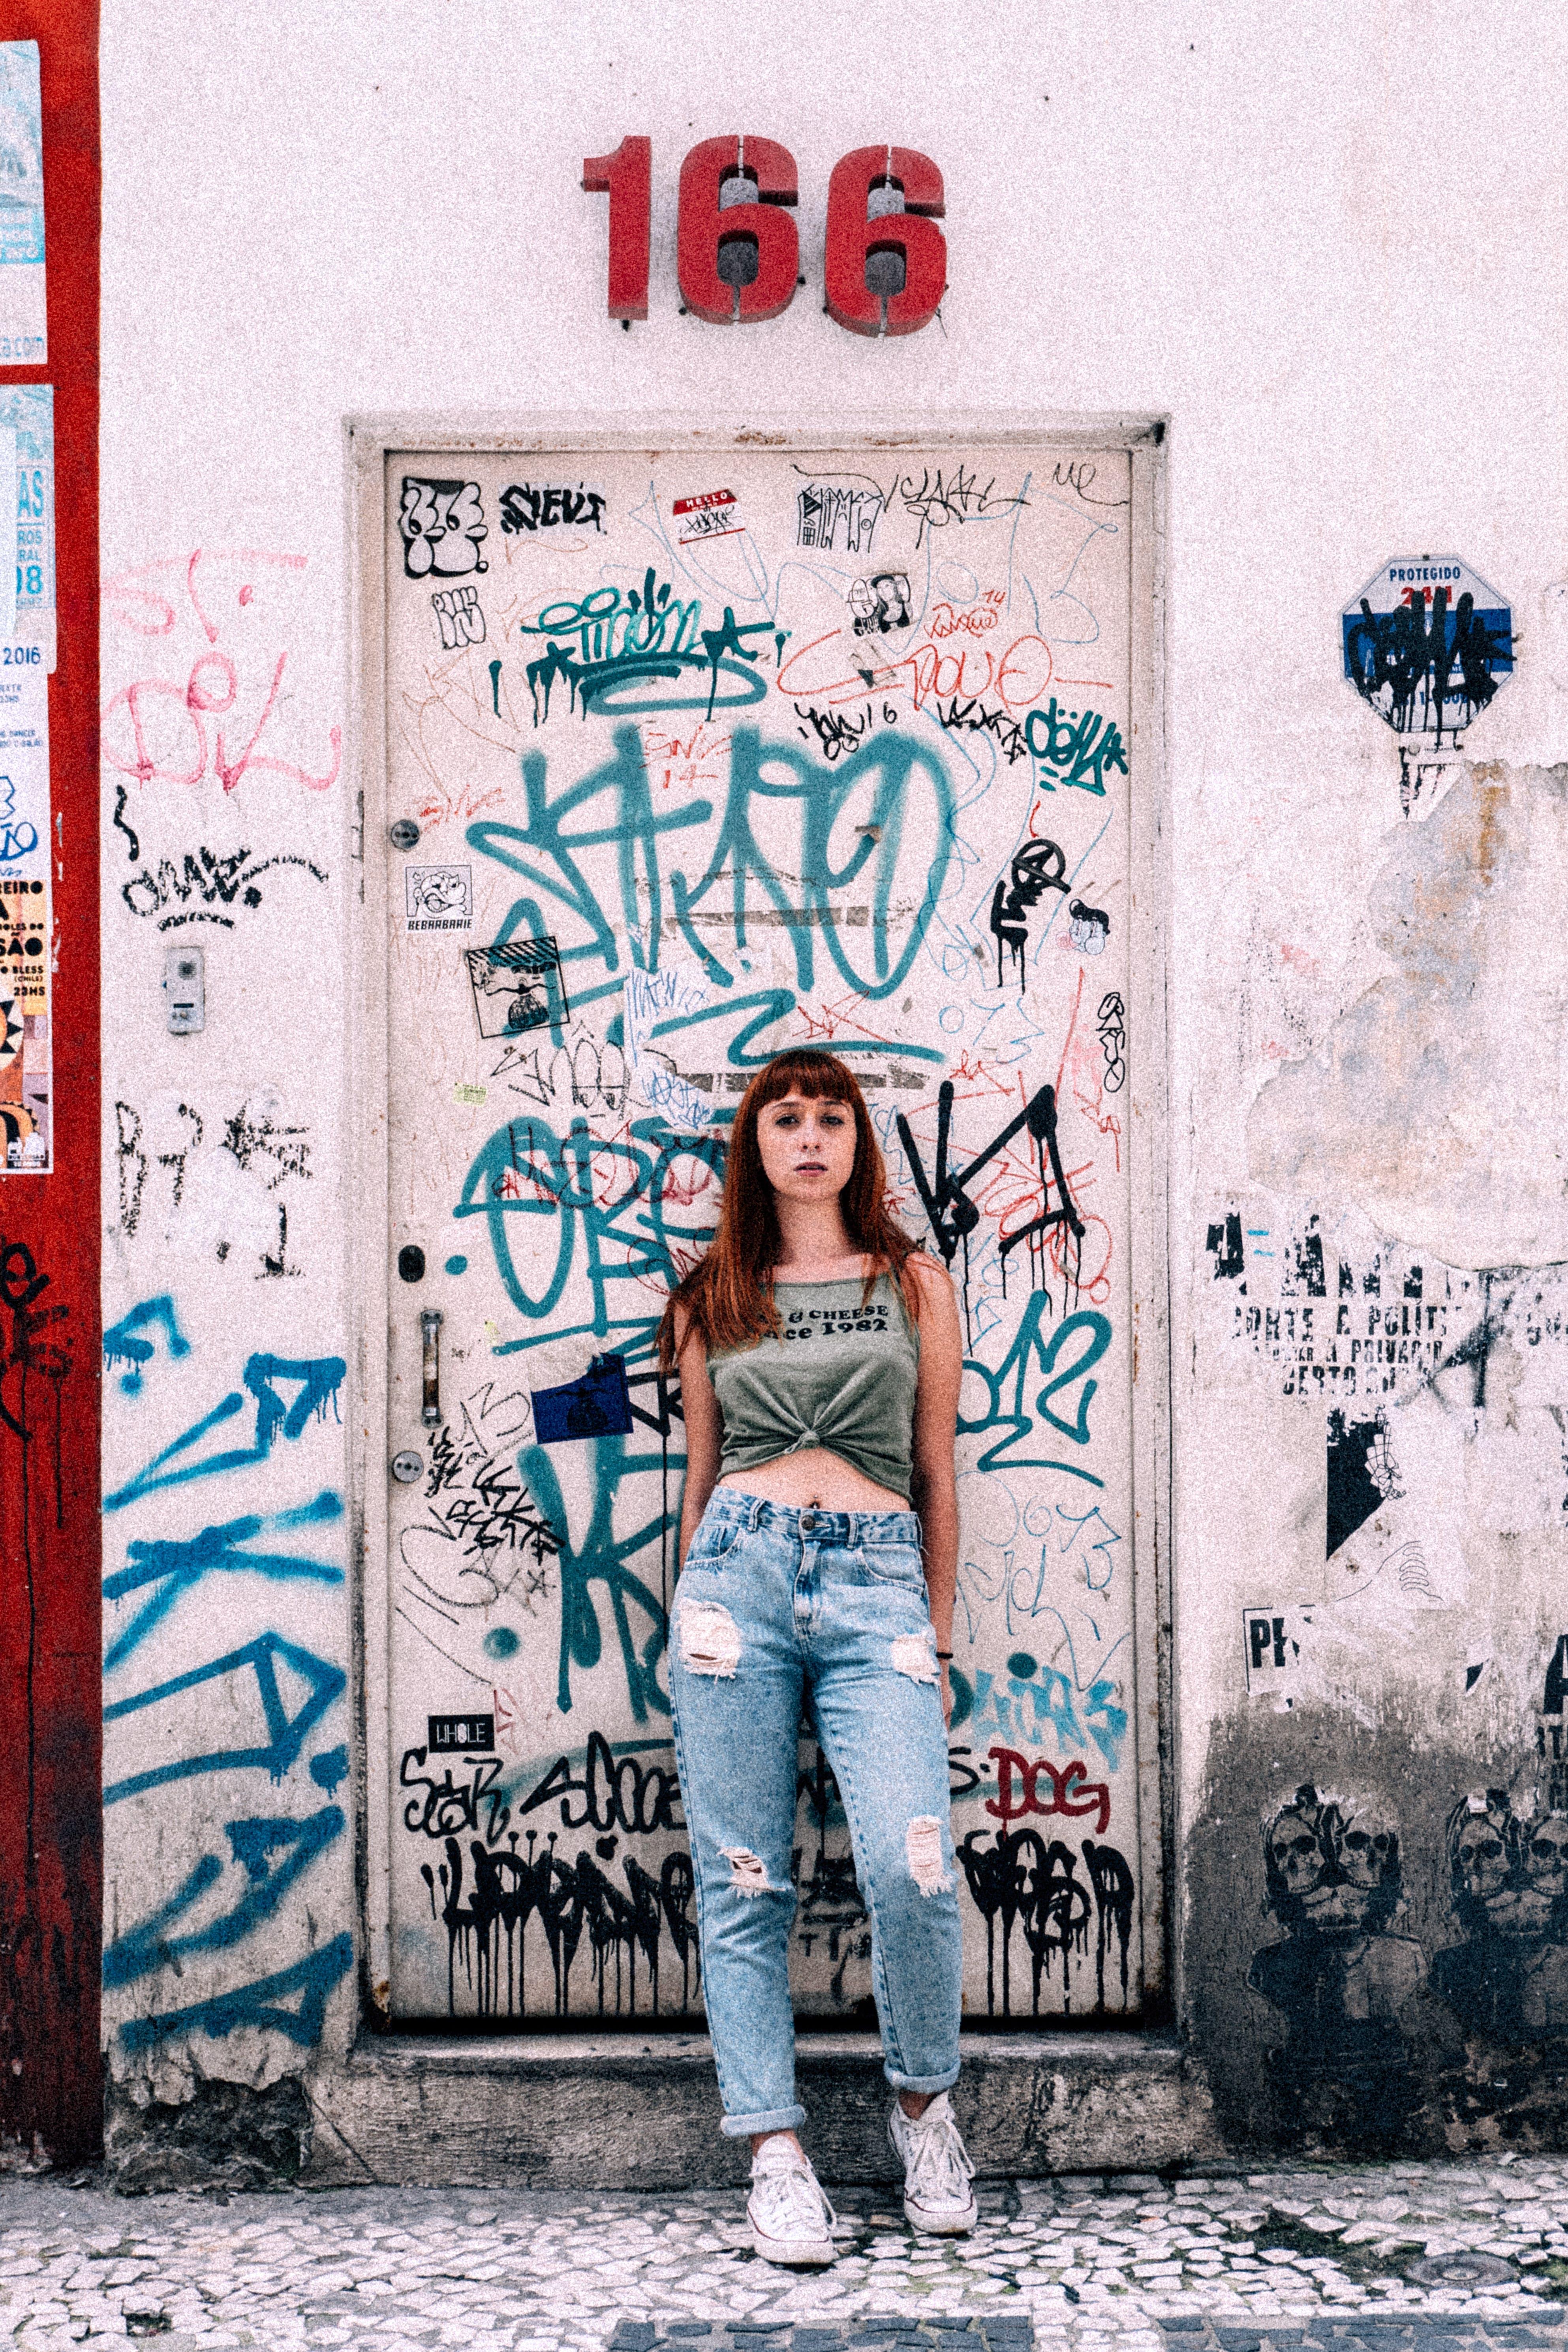 Woman Standing Near Graffiti Wall